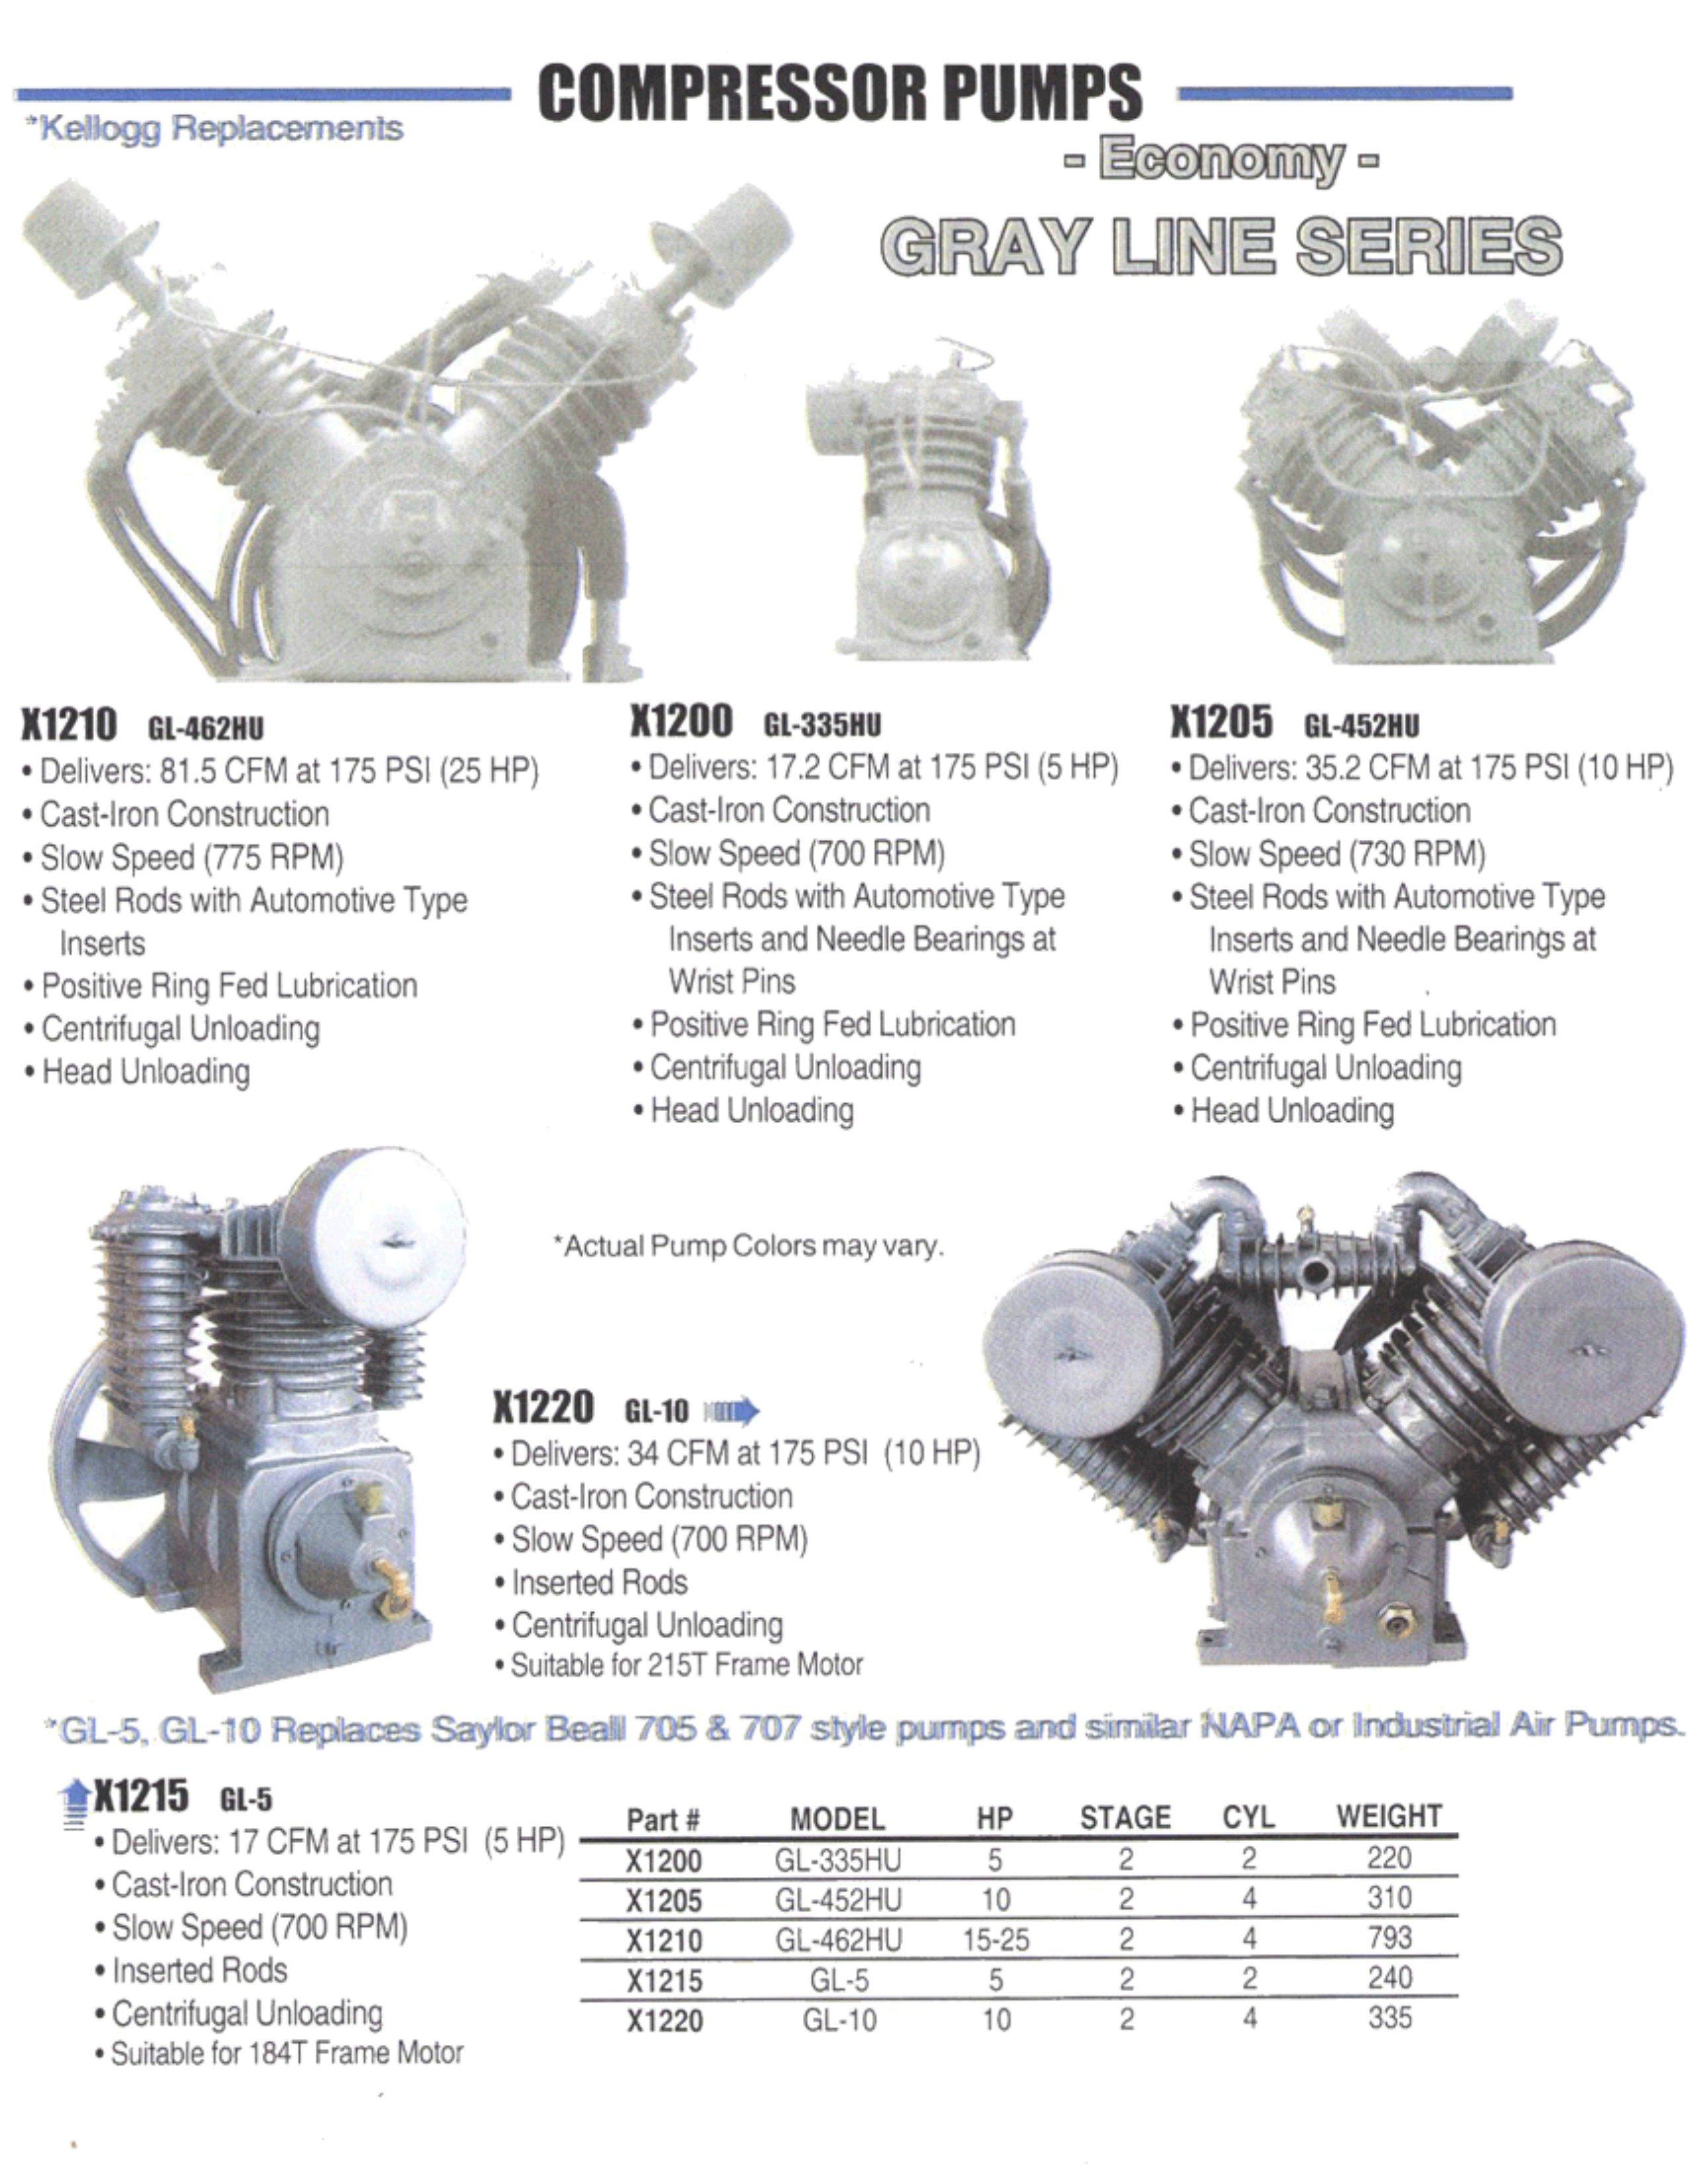 reciprocating compressor diagram 2 free 120v air compressor motor diagram compressor motor